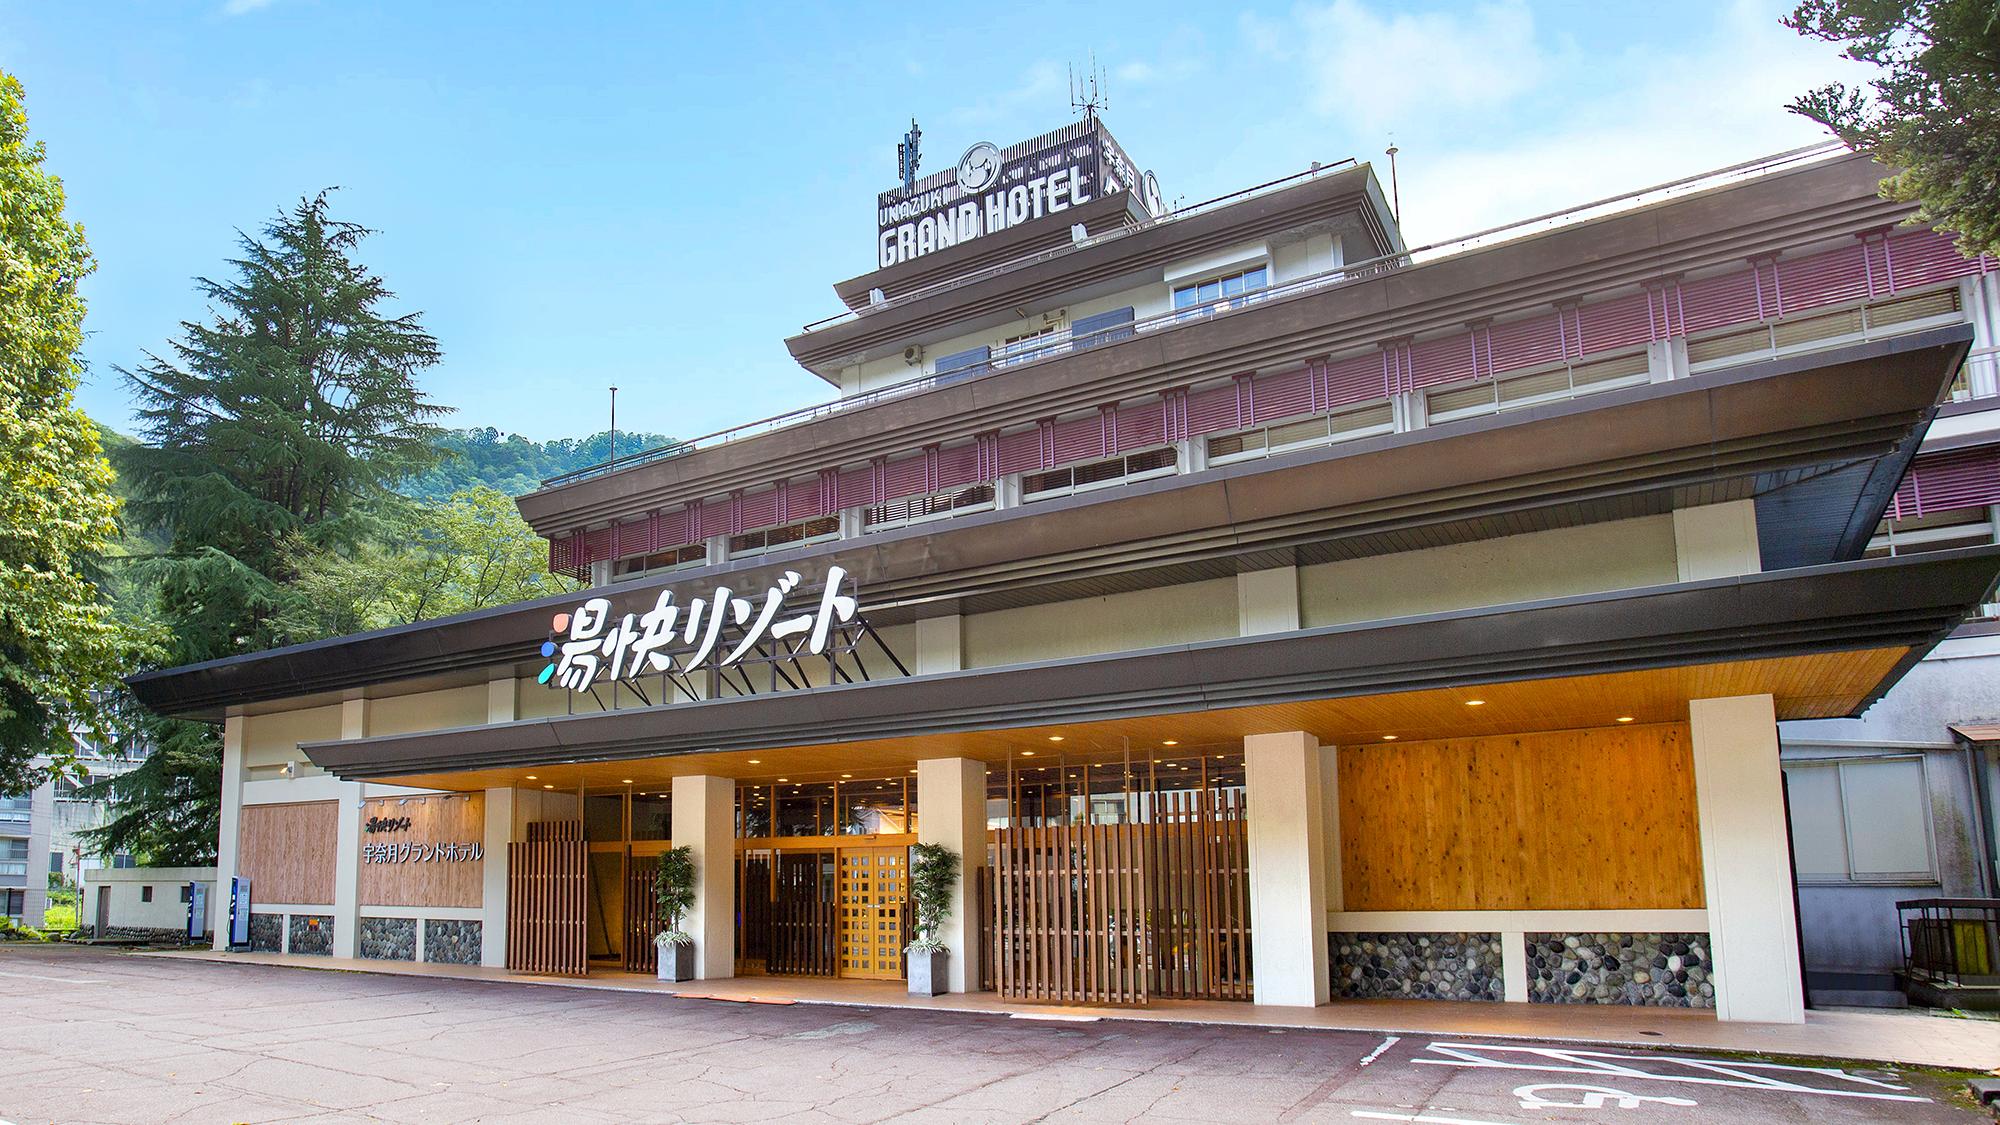 黒部・宇奈月温泉 湯快リゾート 宇奈月グランドホテル